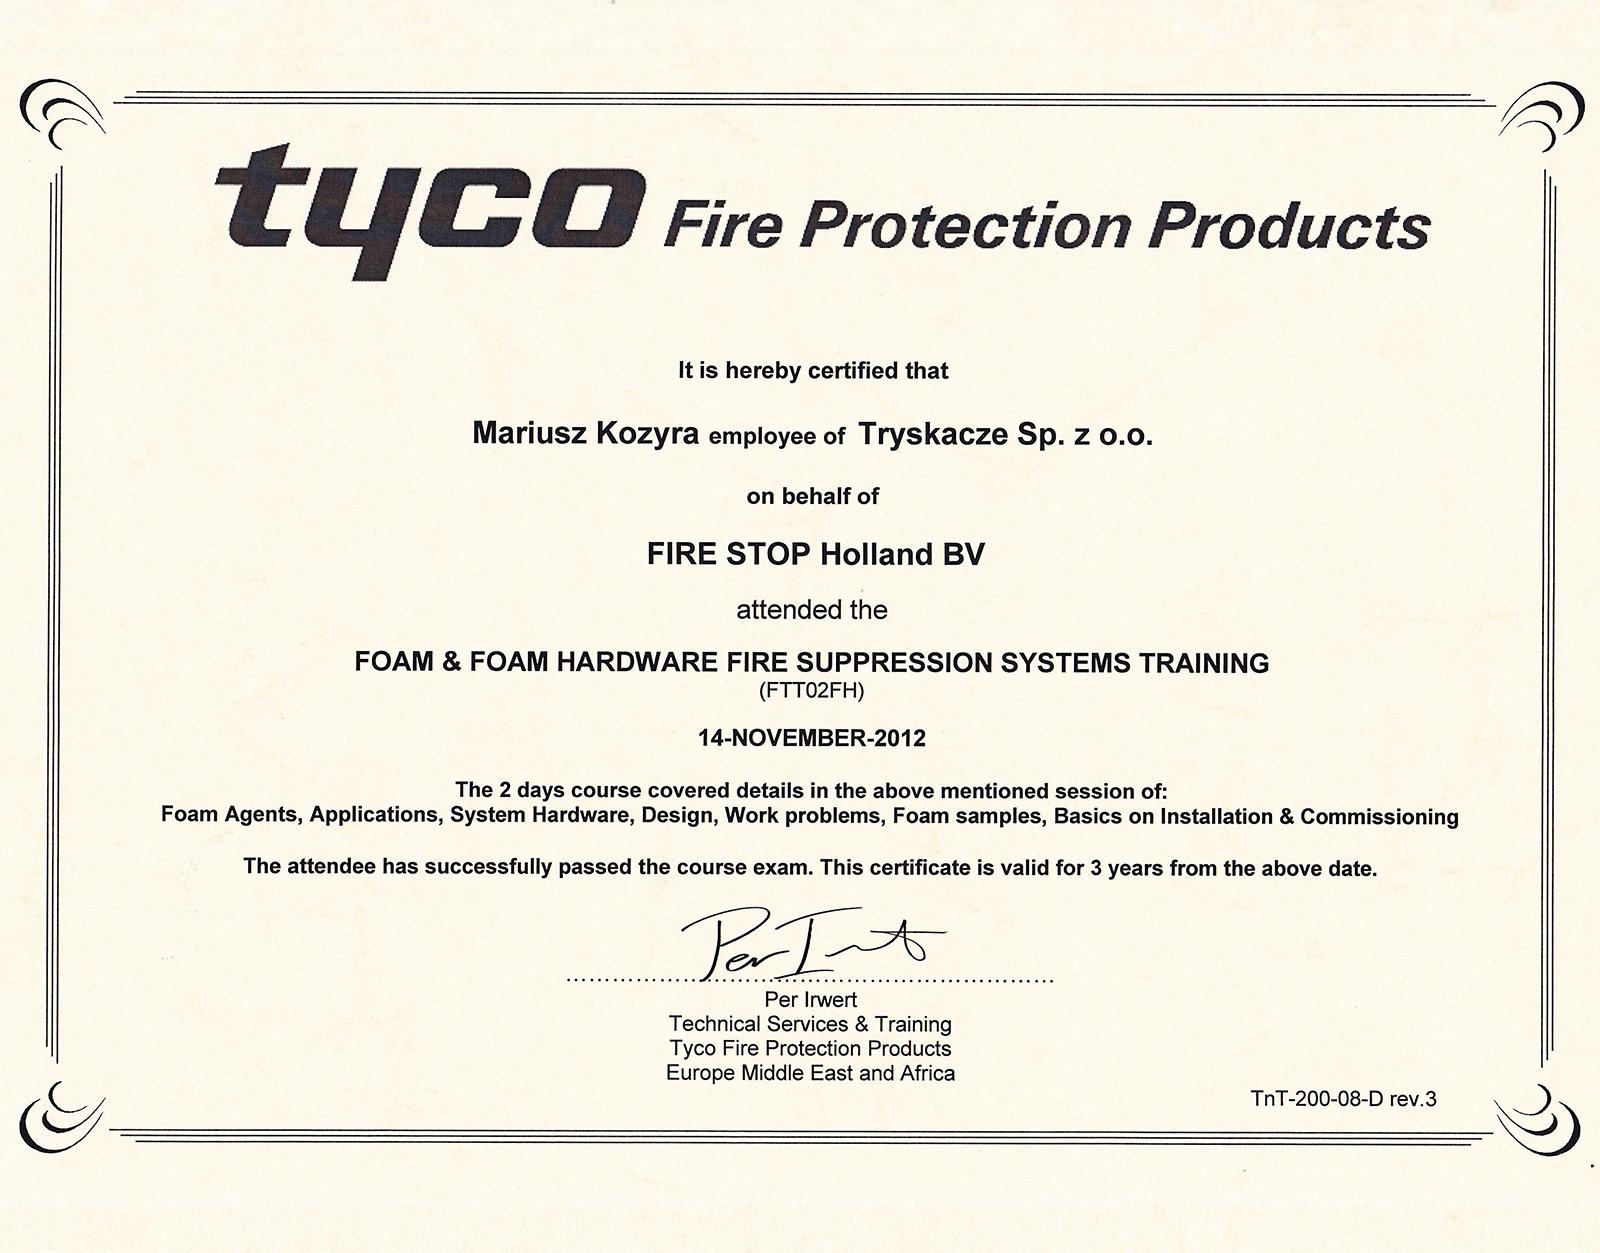 certyfikaty_tyco-mariusz-kozyra-ftt02fh-1